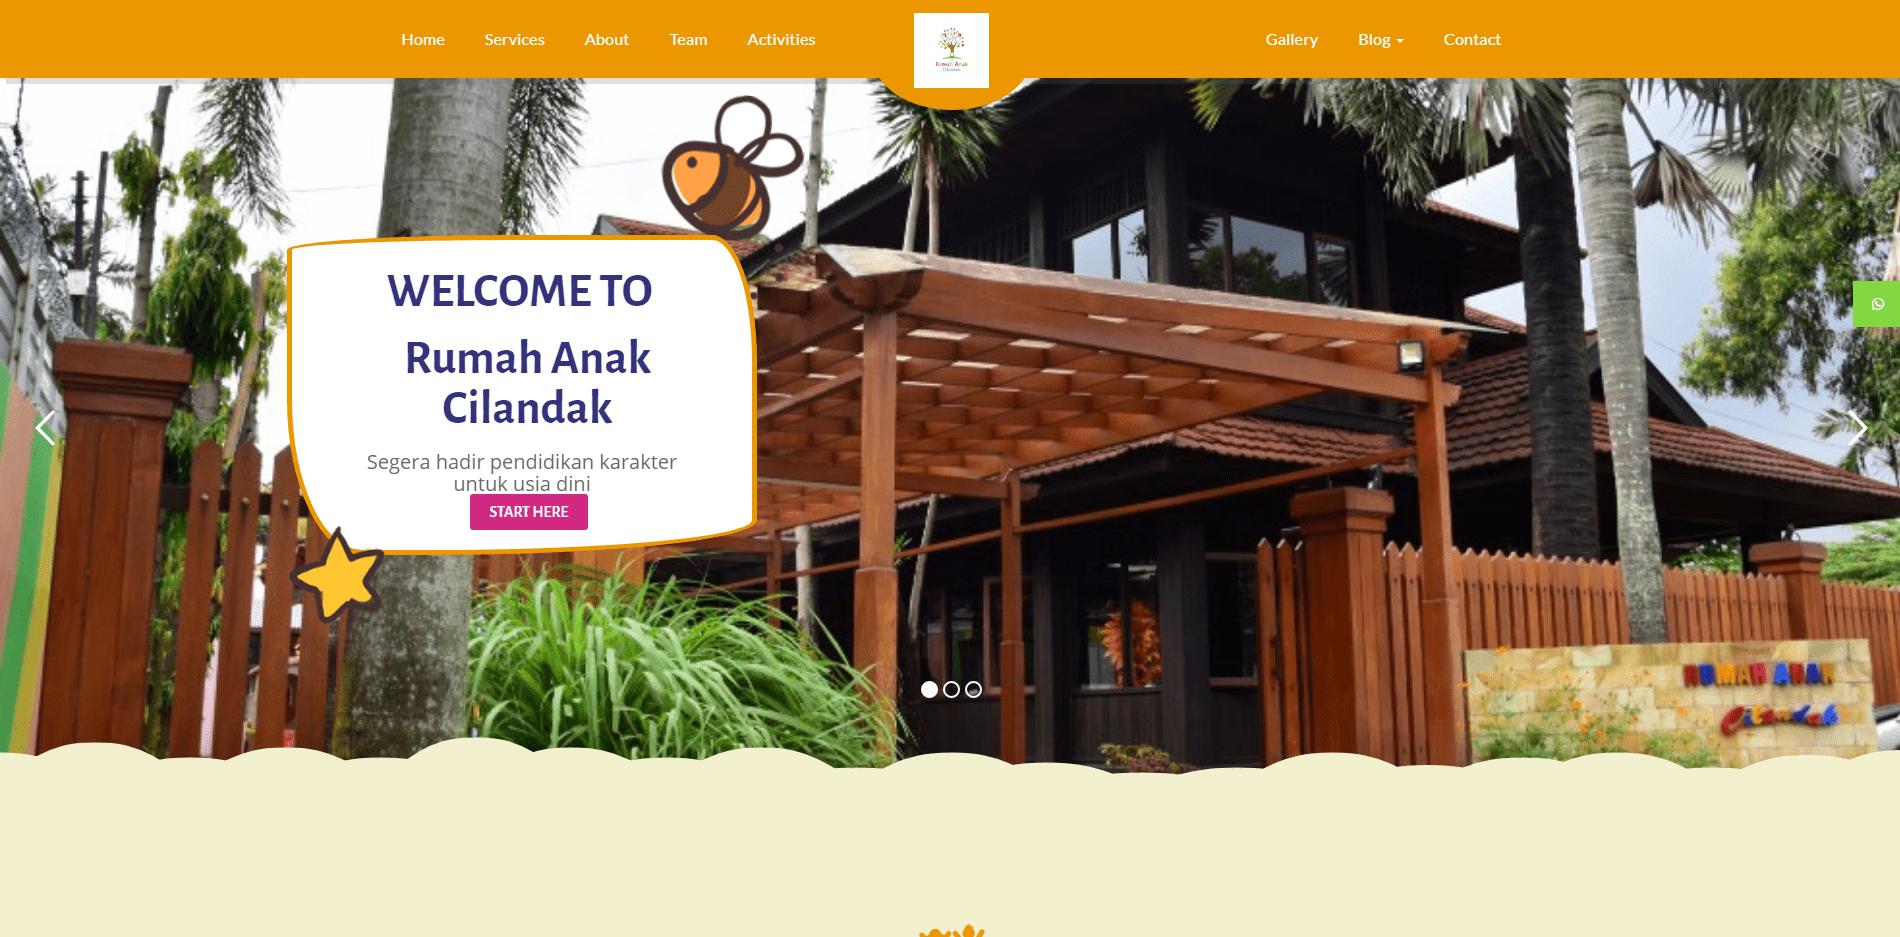 jasa pembuatan website yogyakarta (6)